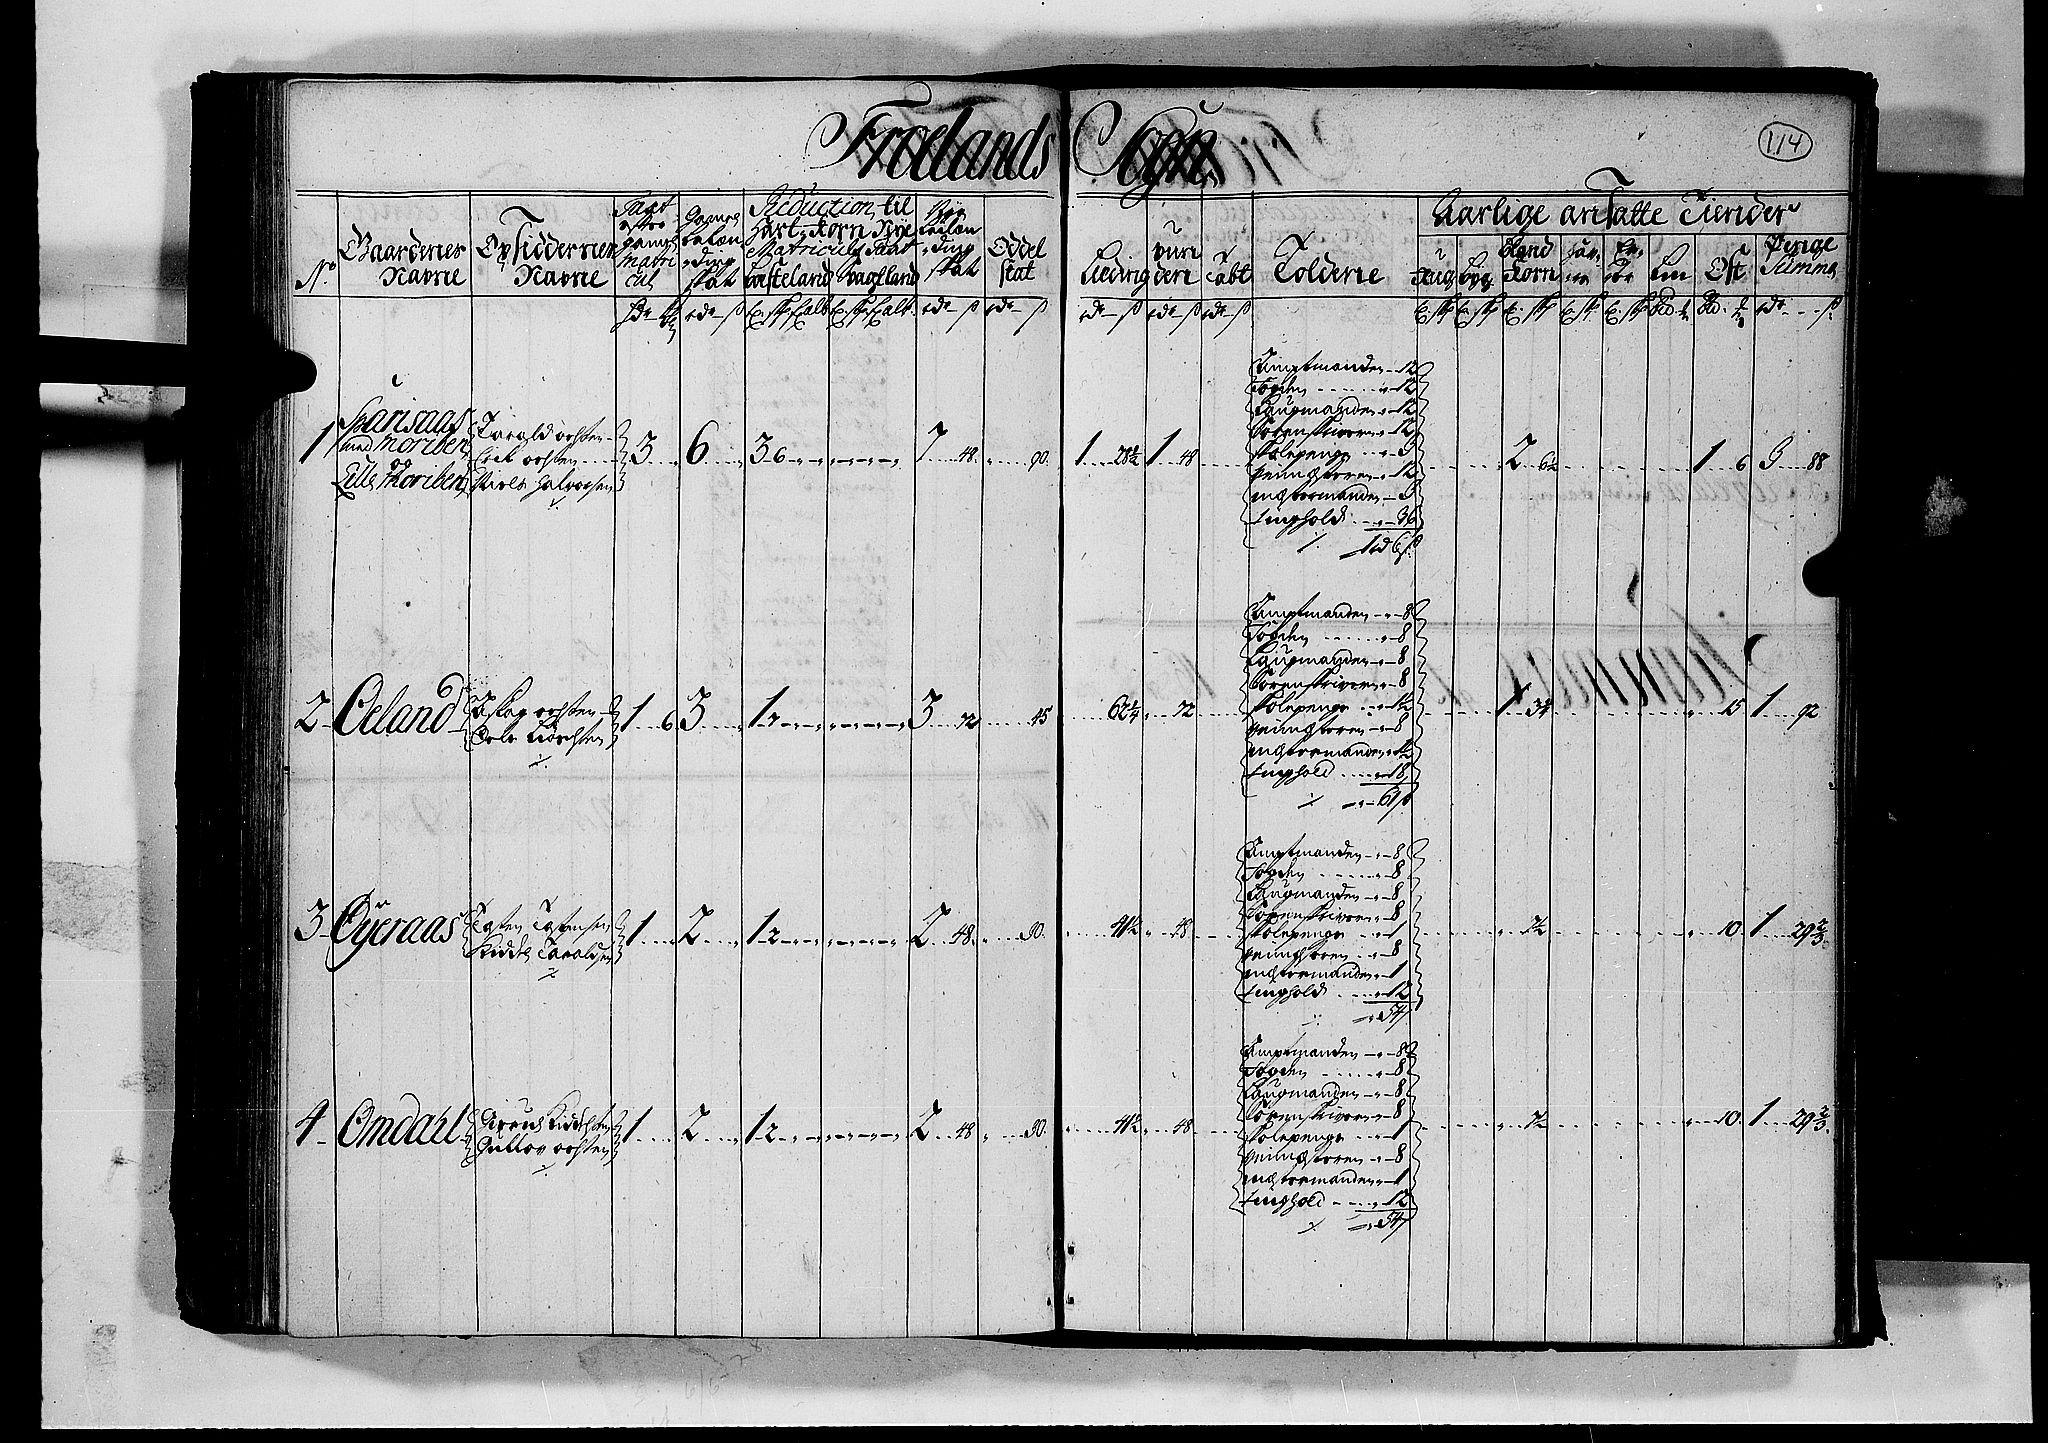 RA, Rentekammeret inntil 1814, Realistisk ordnet avdeling, N/Nb/Nbf/L0126: Råbyggelag matrikkelprotokoll, 1723, s. 113b-114a